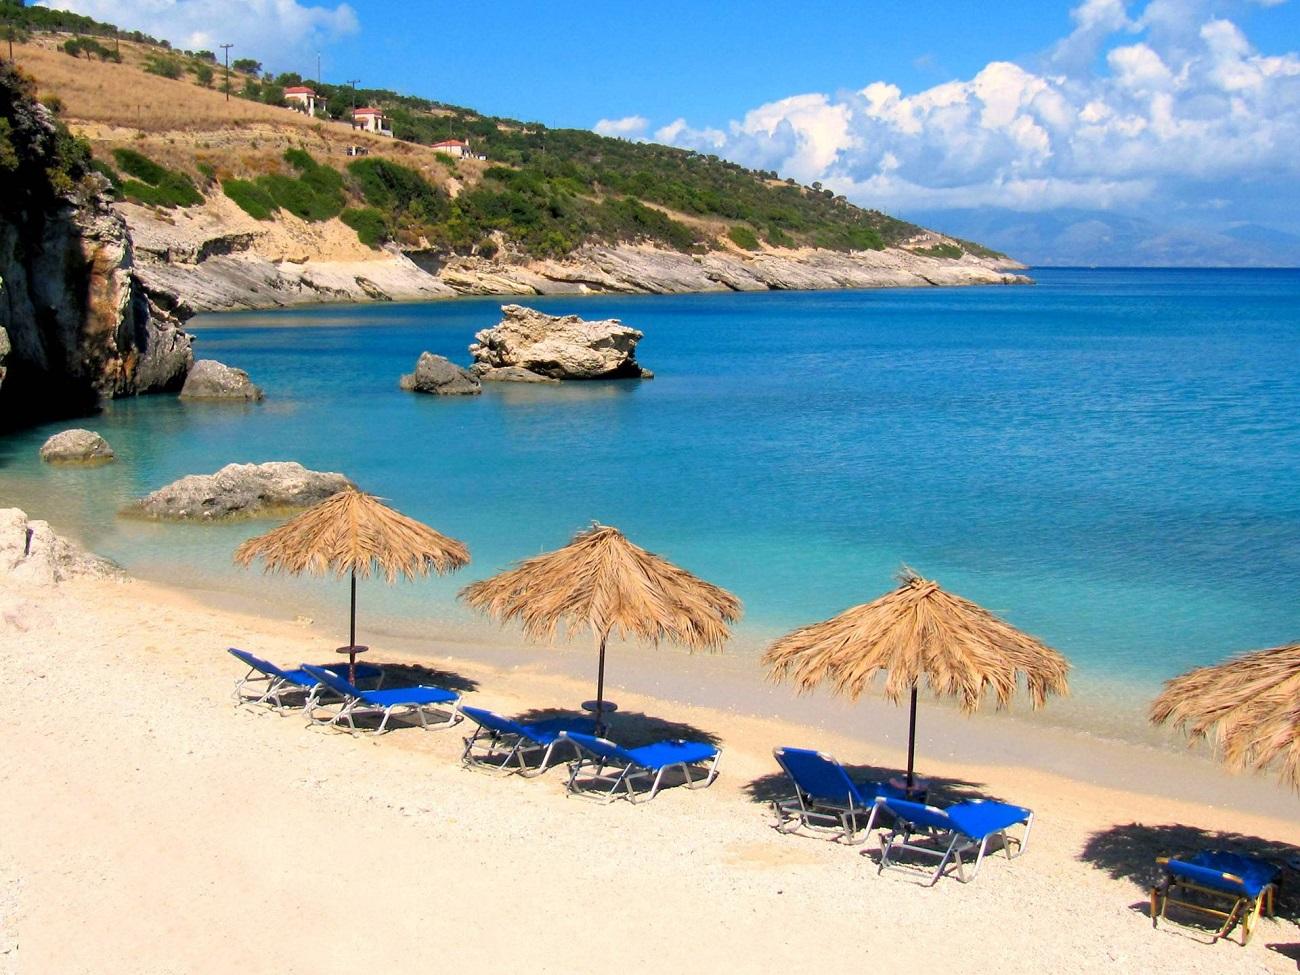 Plaja Xigia, Insula Zakynthos, Grecia